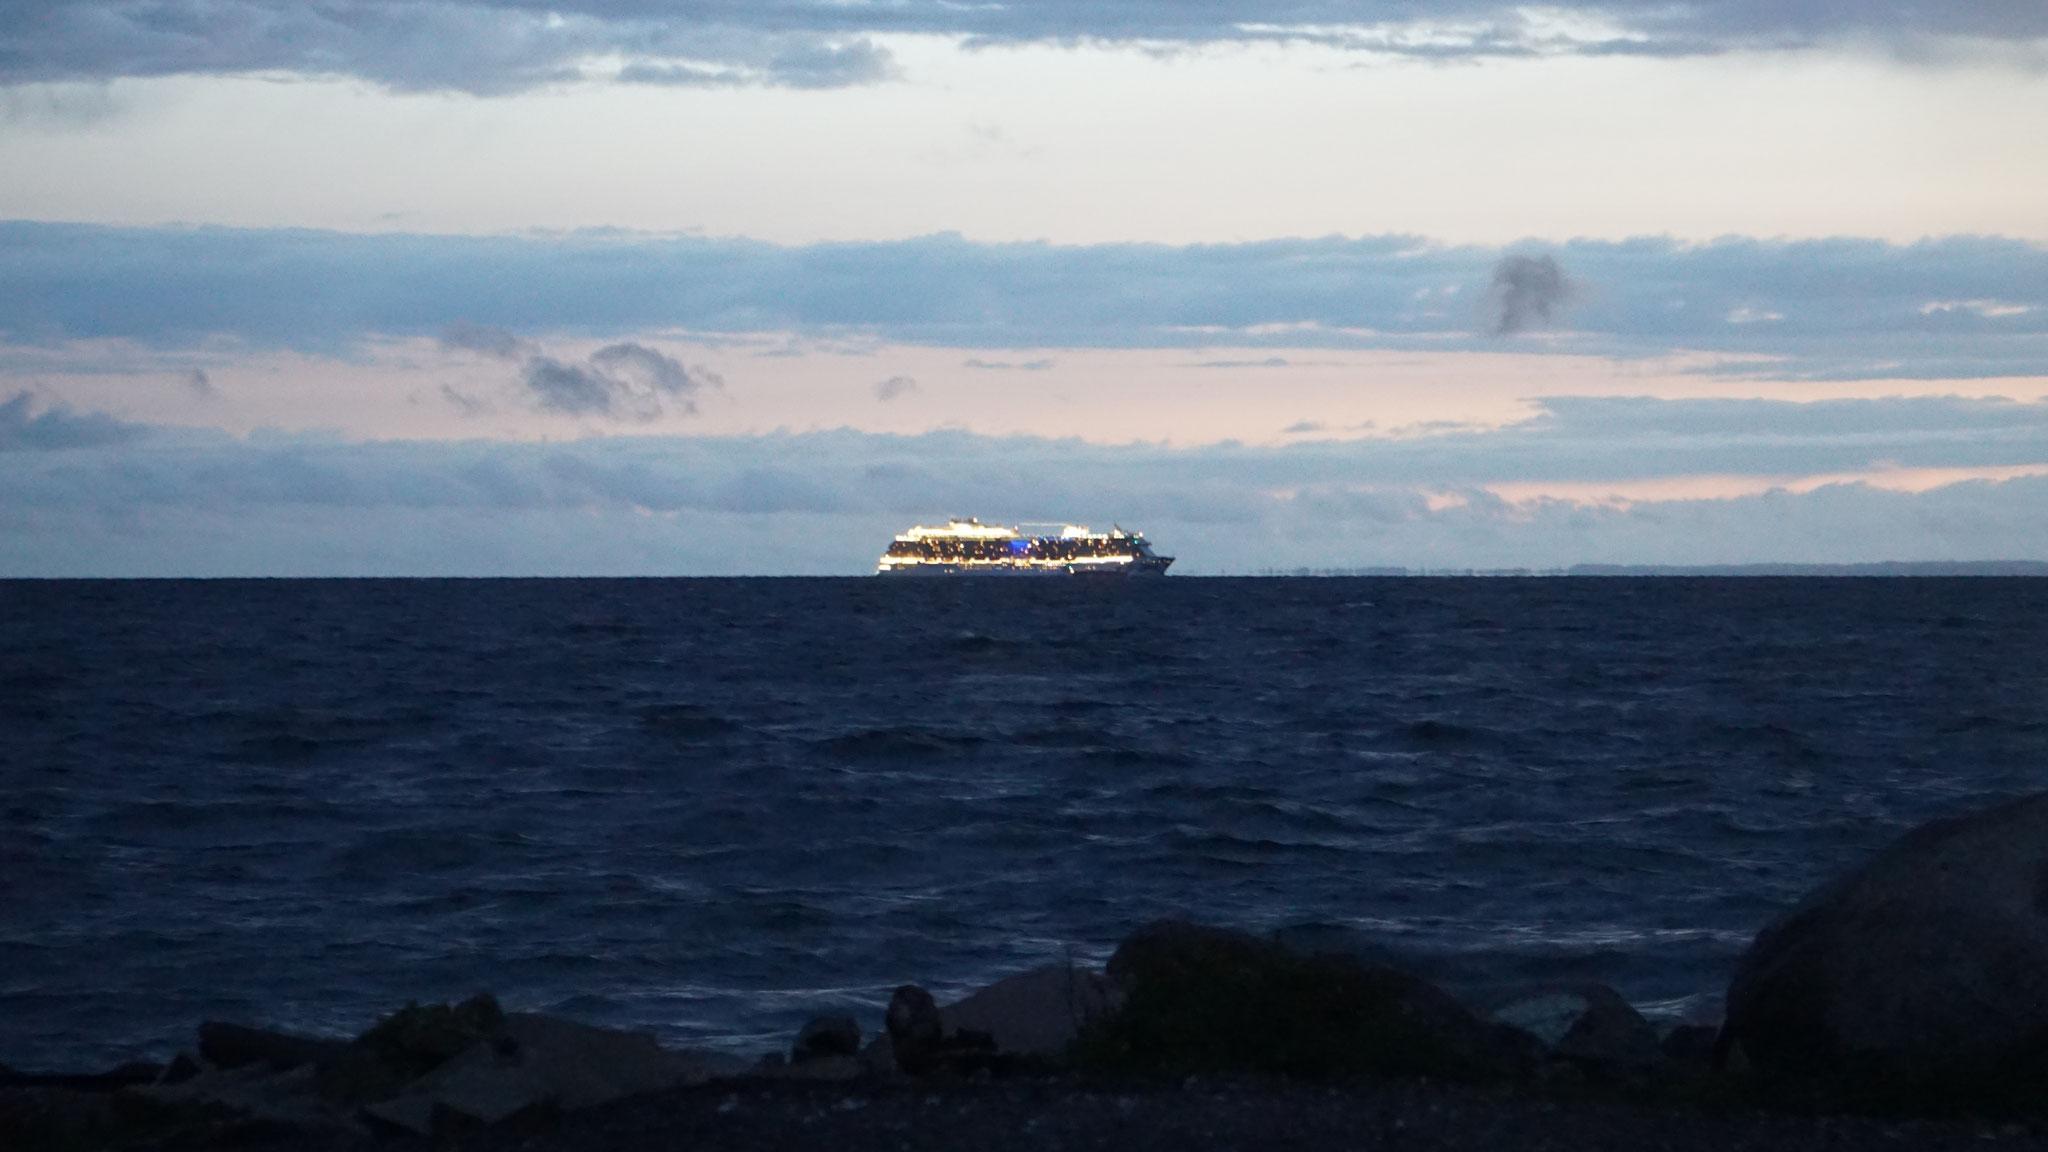 Die grossen Schiffe ziehen vorbei